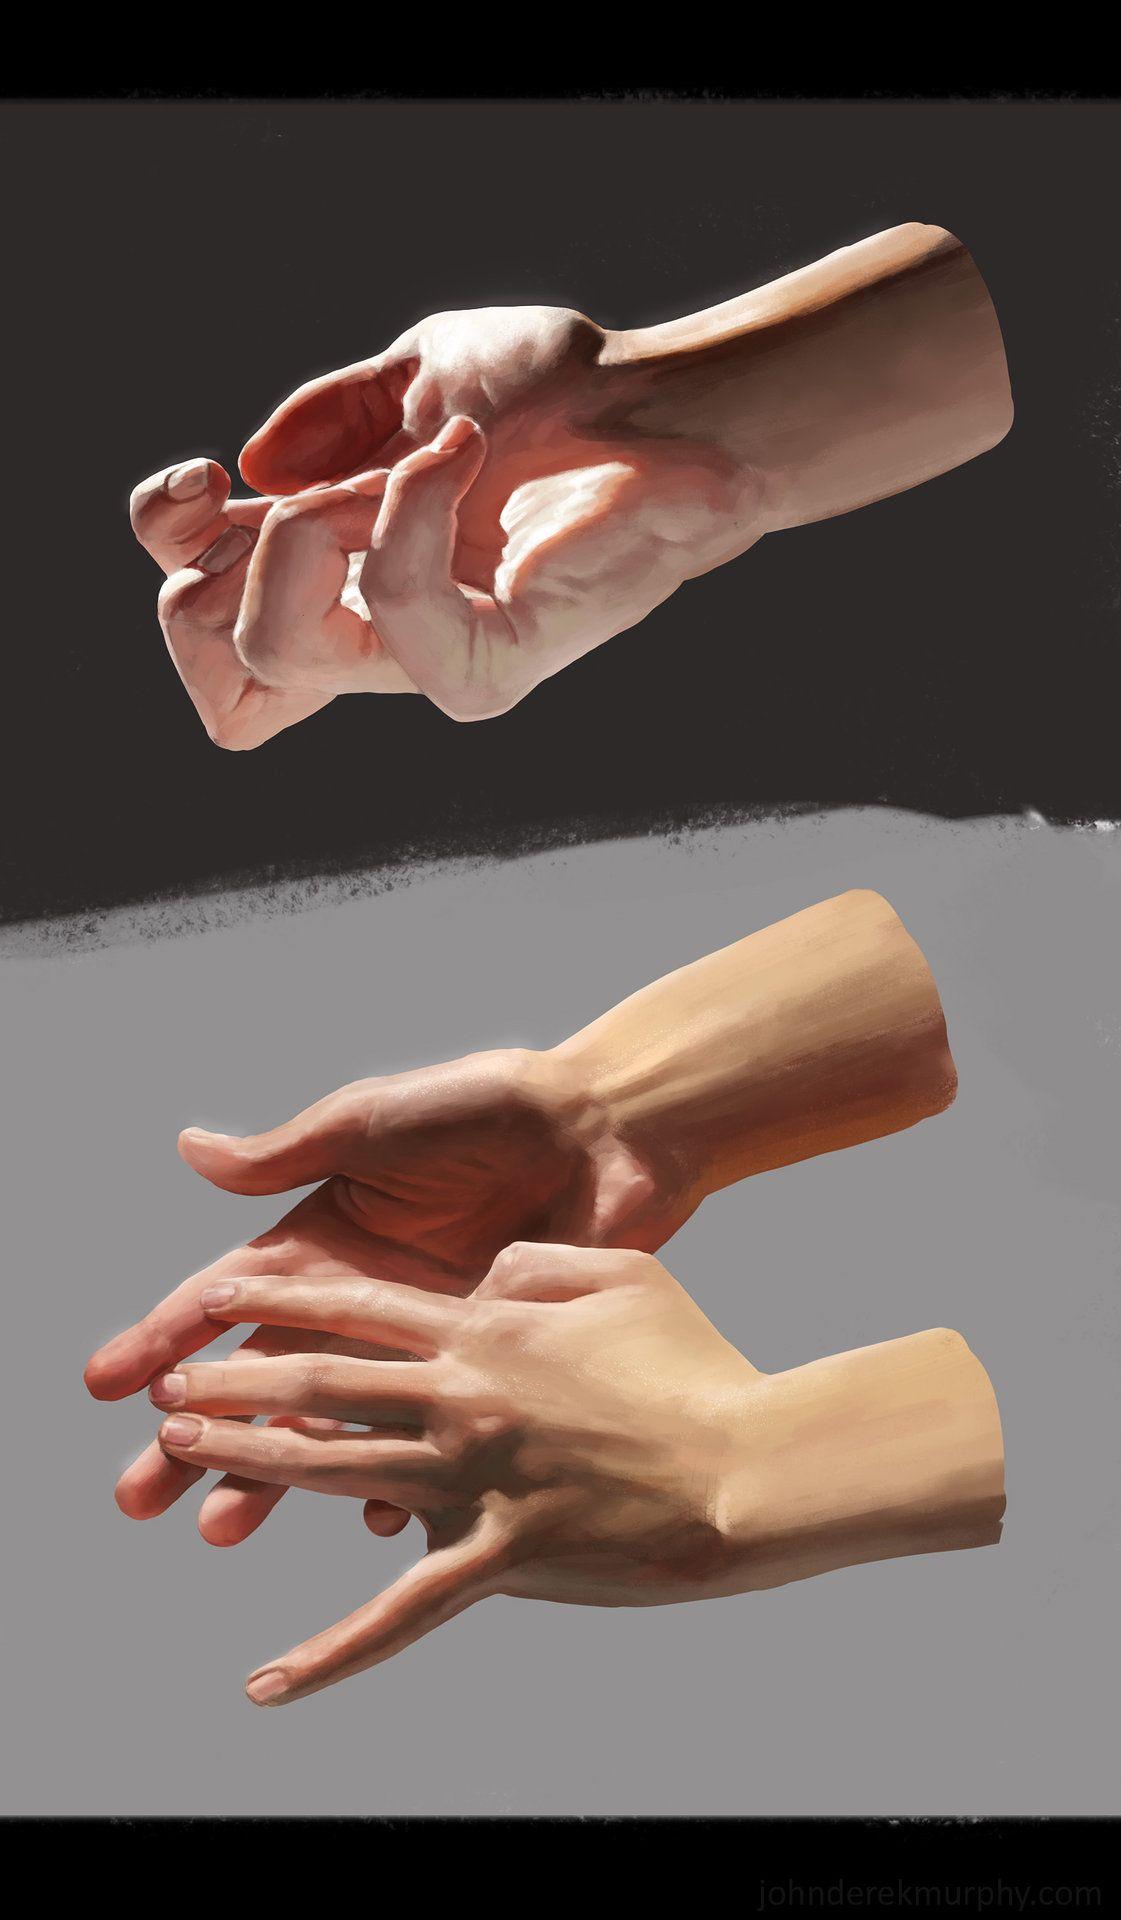 http://www.artstation.com/artwork/hand-studies-e4a9b4da-3a9e-4227-b154-699dc5b2c203